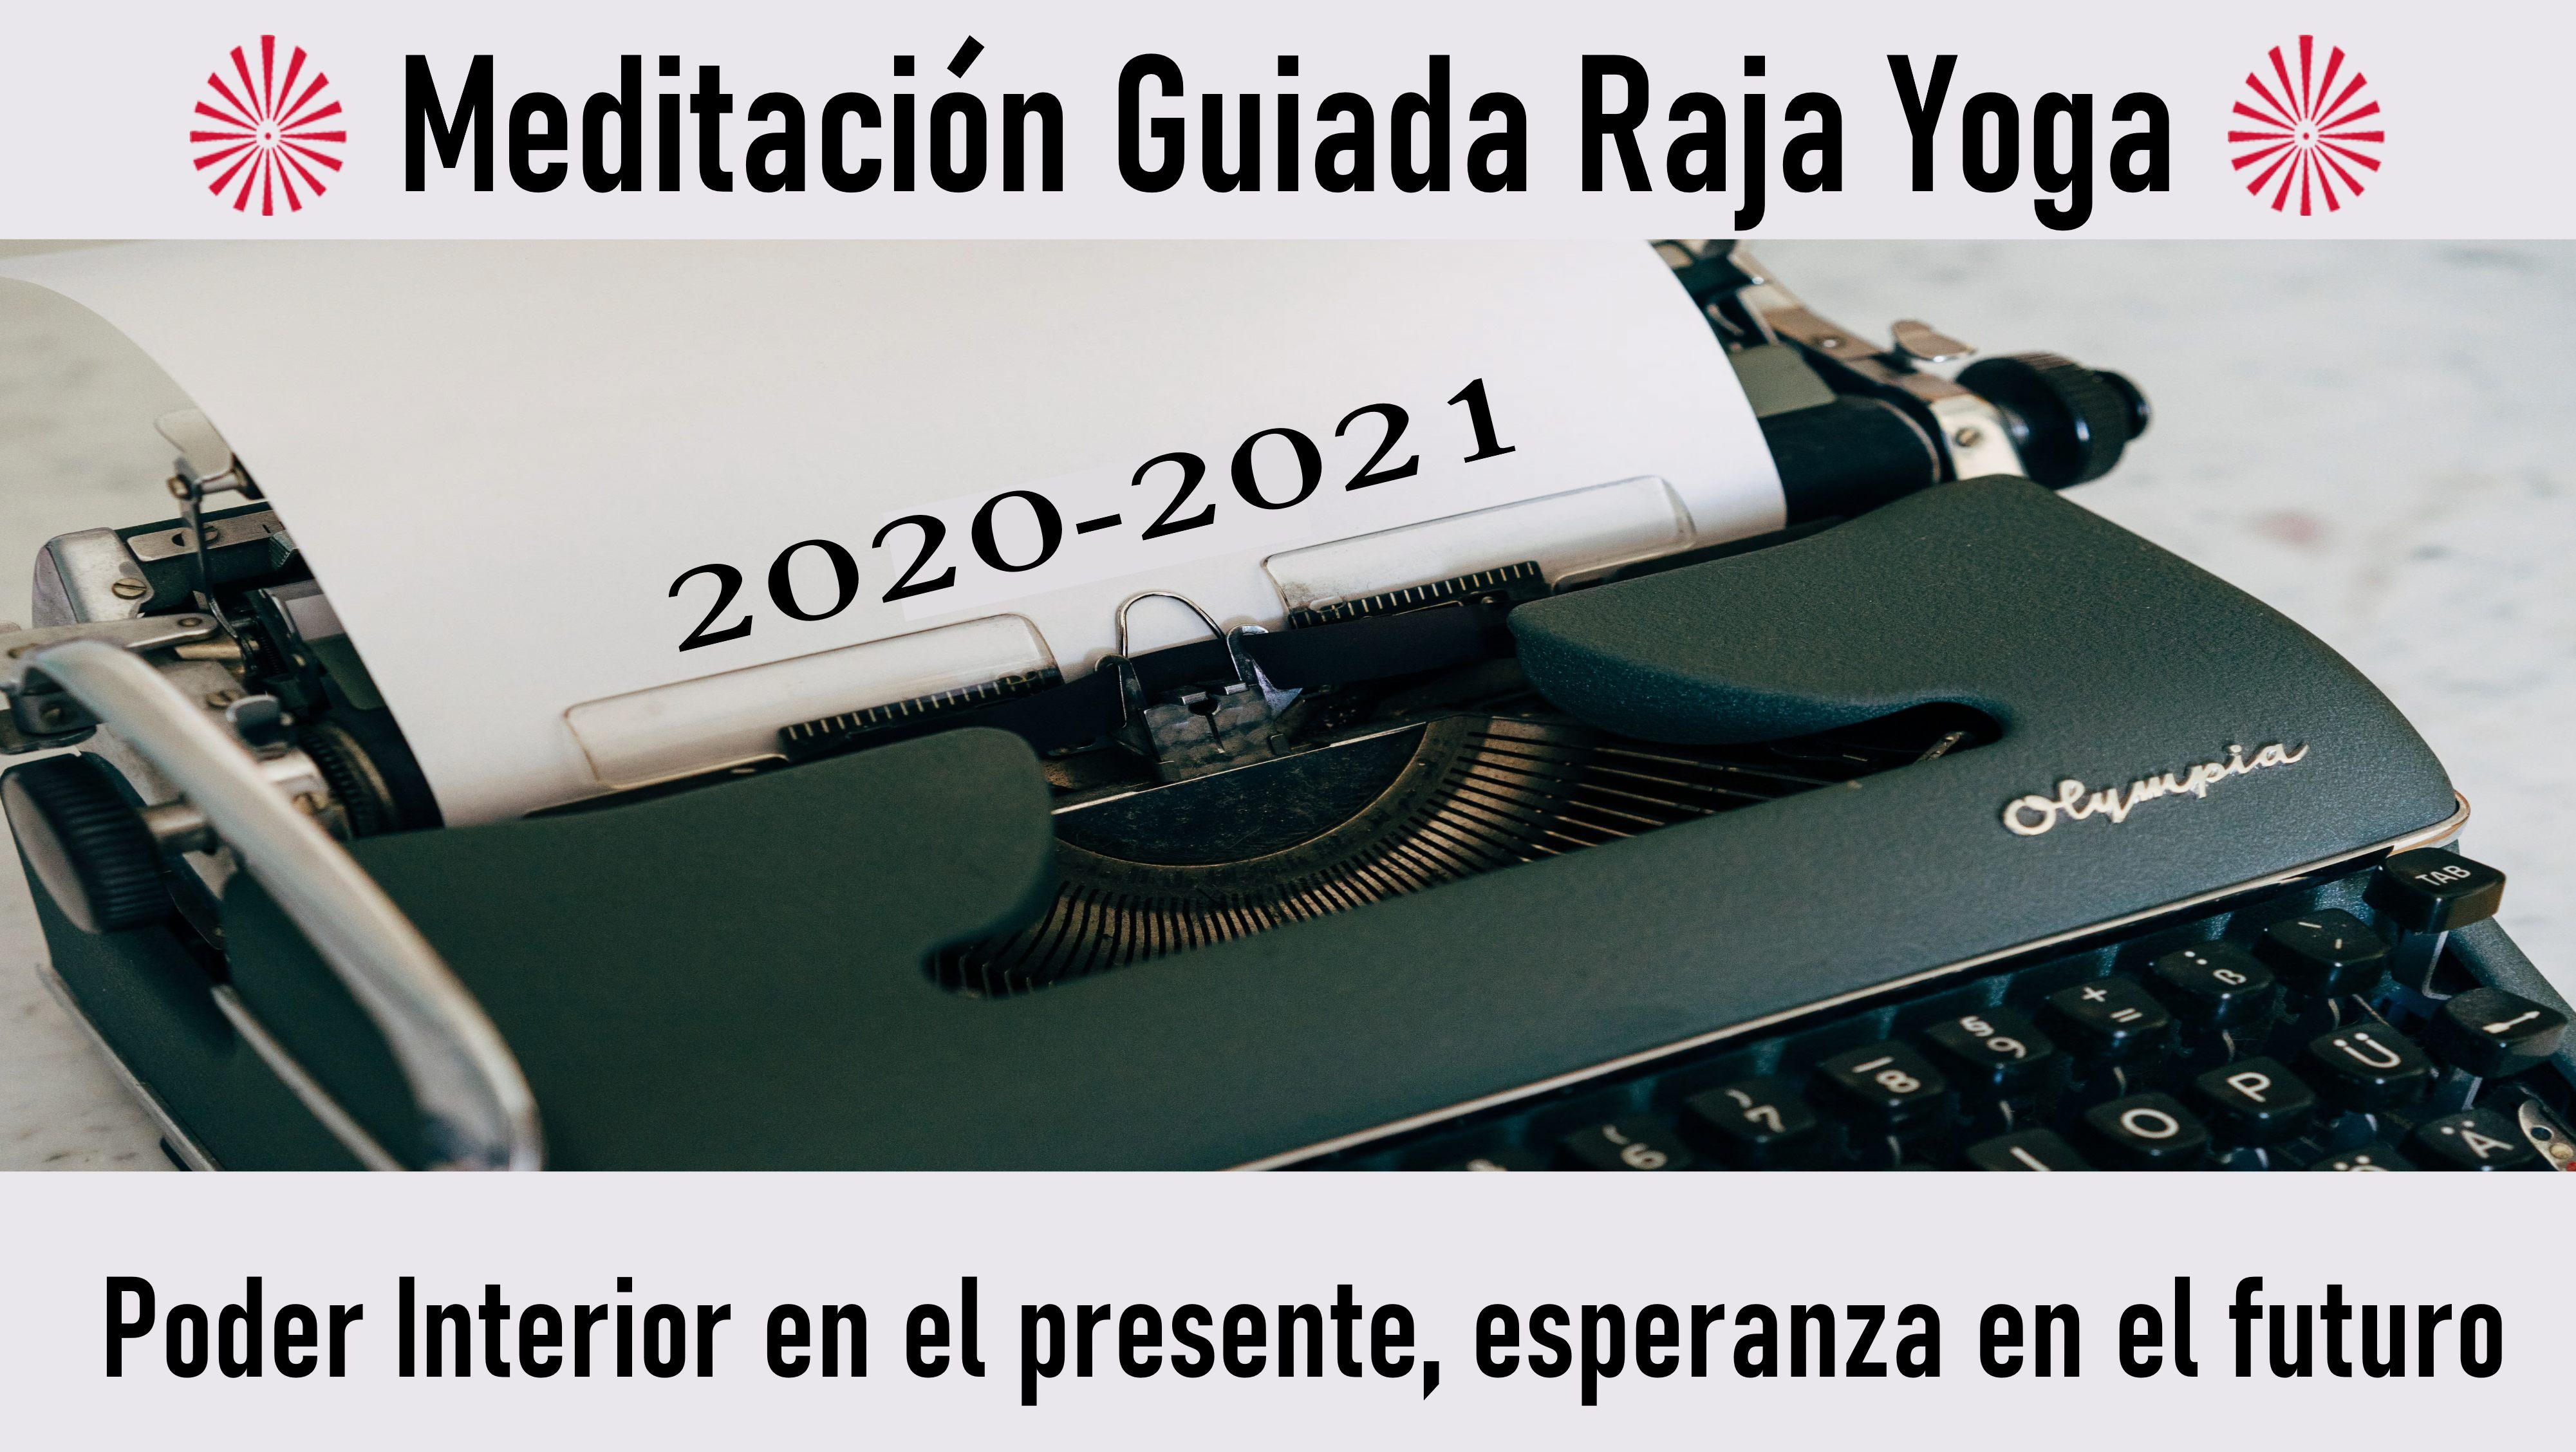 31 Agosto 2020  Meditación guiada: Poder Interior en el presente, esperanza en el futuro